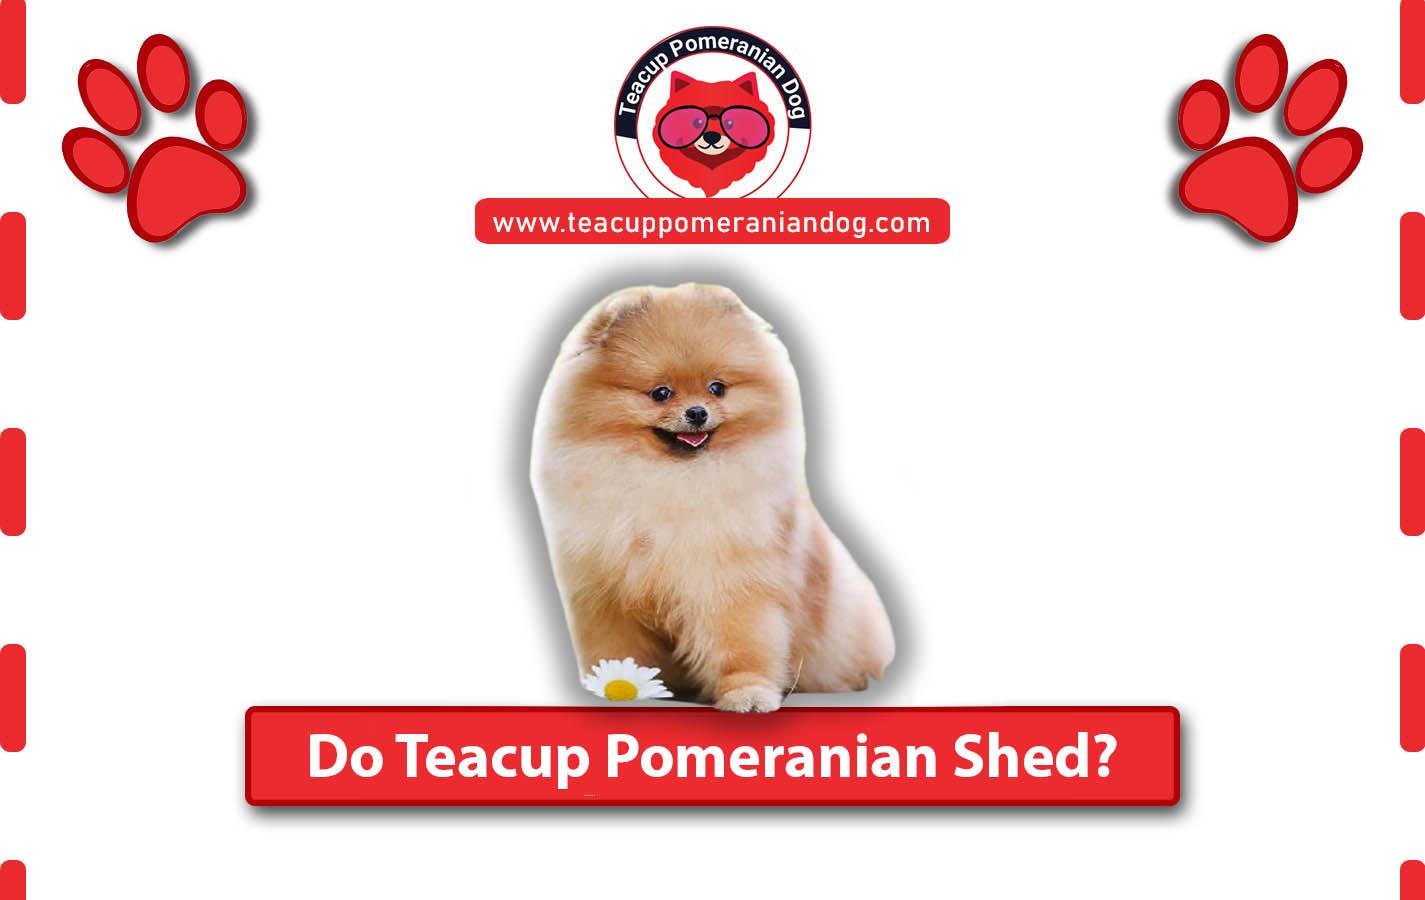 Do Teacup Pomeranian Shed